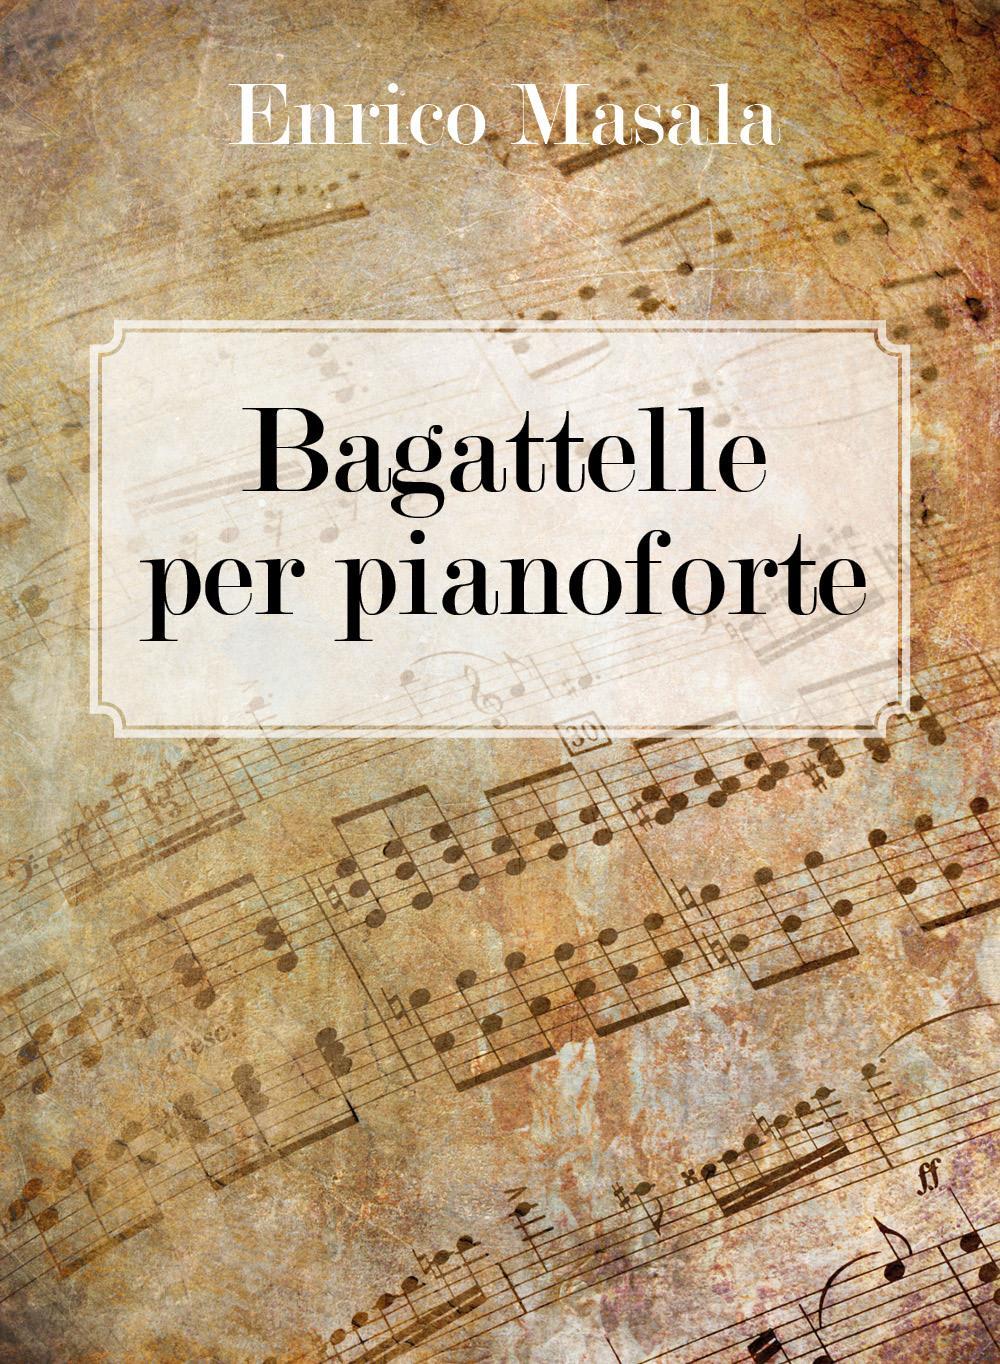 Bagattelle per pianoforte